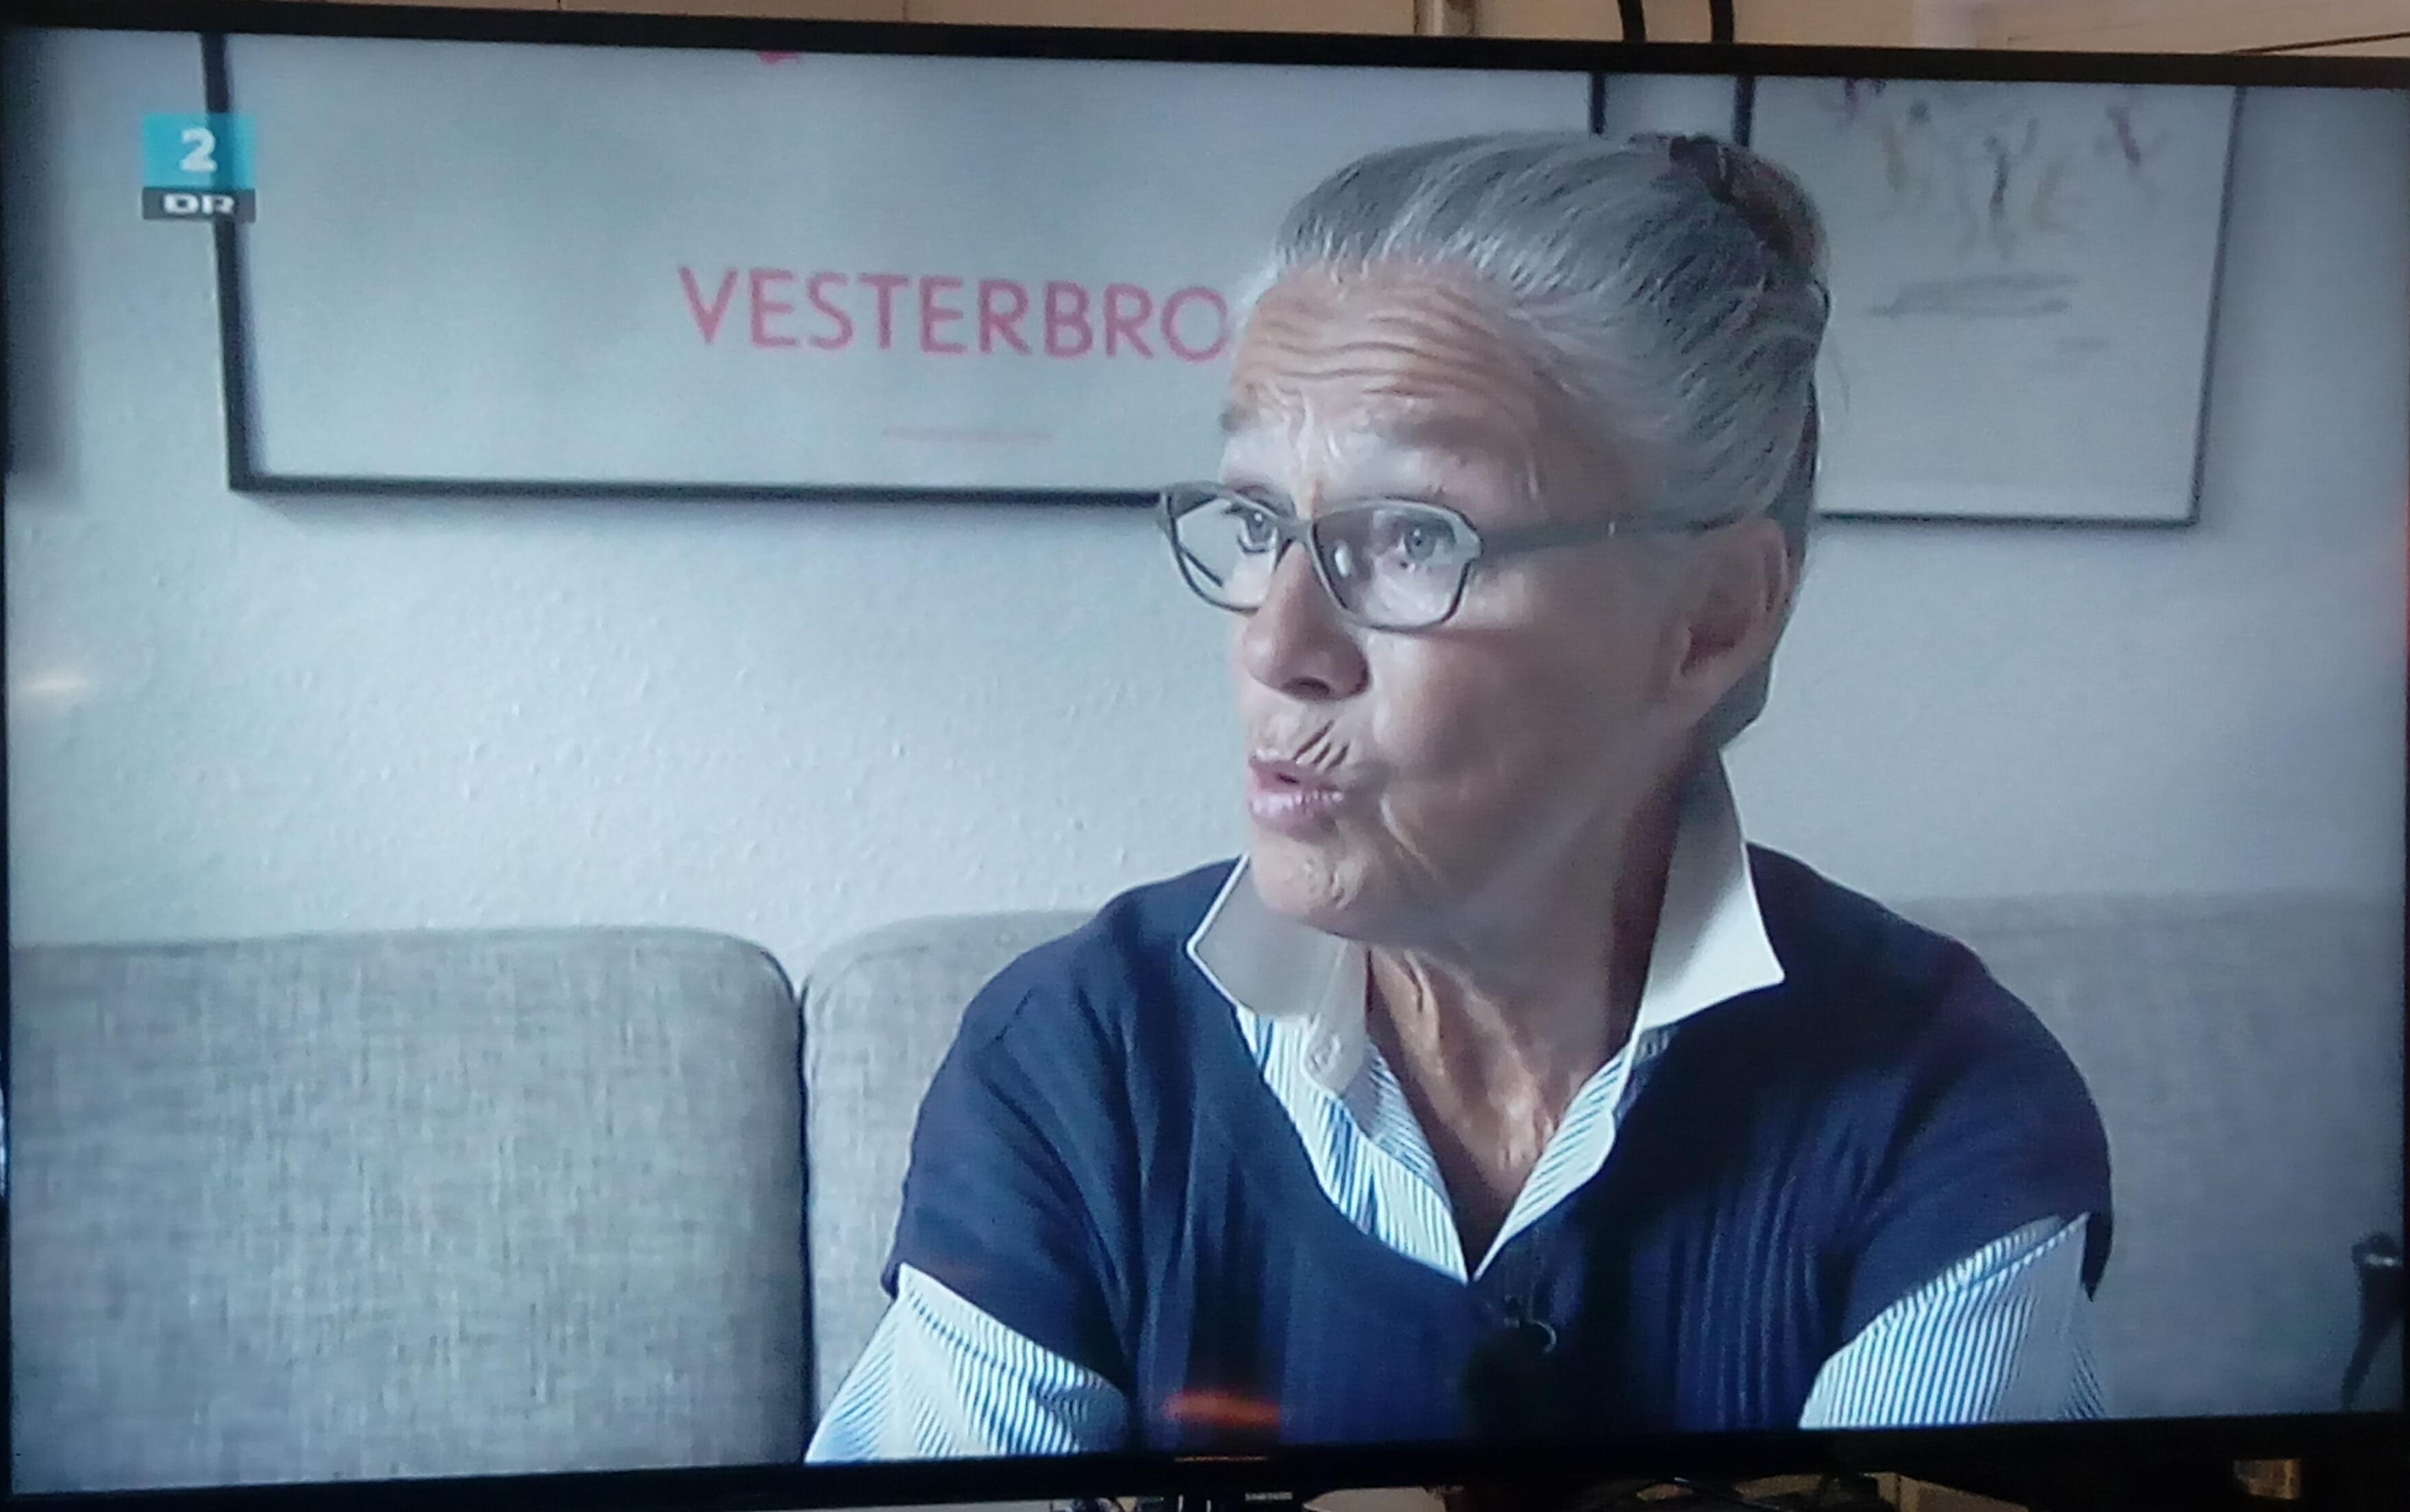 Billede af Ritt Bjerregaard fra dokumentaren Ritt Bjerregaard - tilbage til Vesterbro